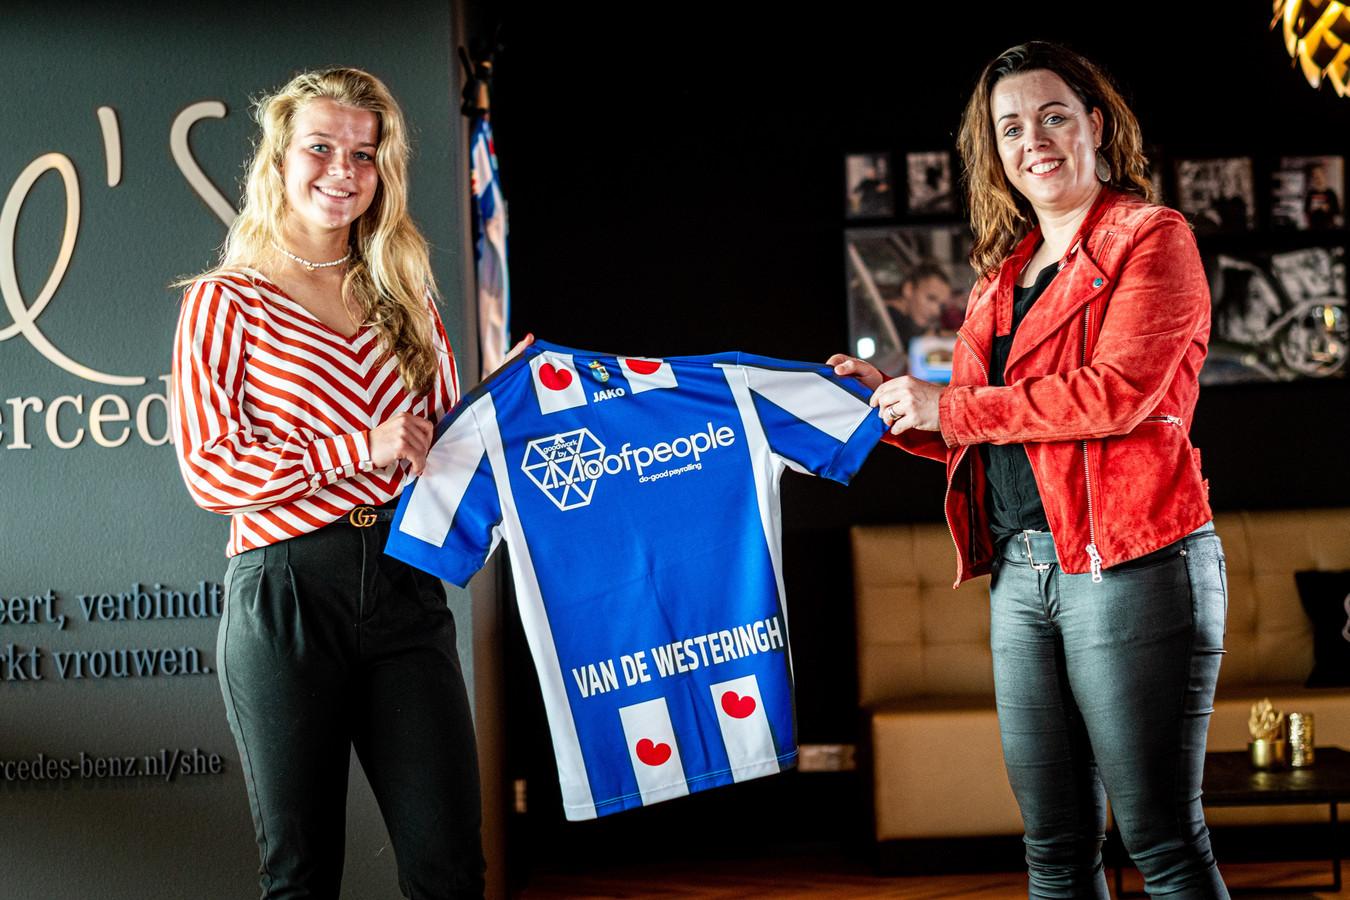 Kirsten van de Westeringh is blij met de samenwerking met SC Heerenveen en voorzitter Jessica Roosenburg.